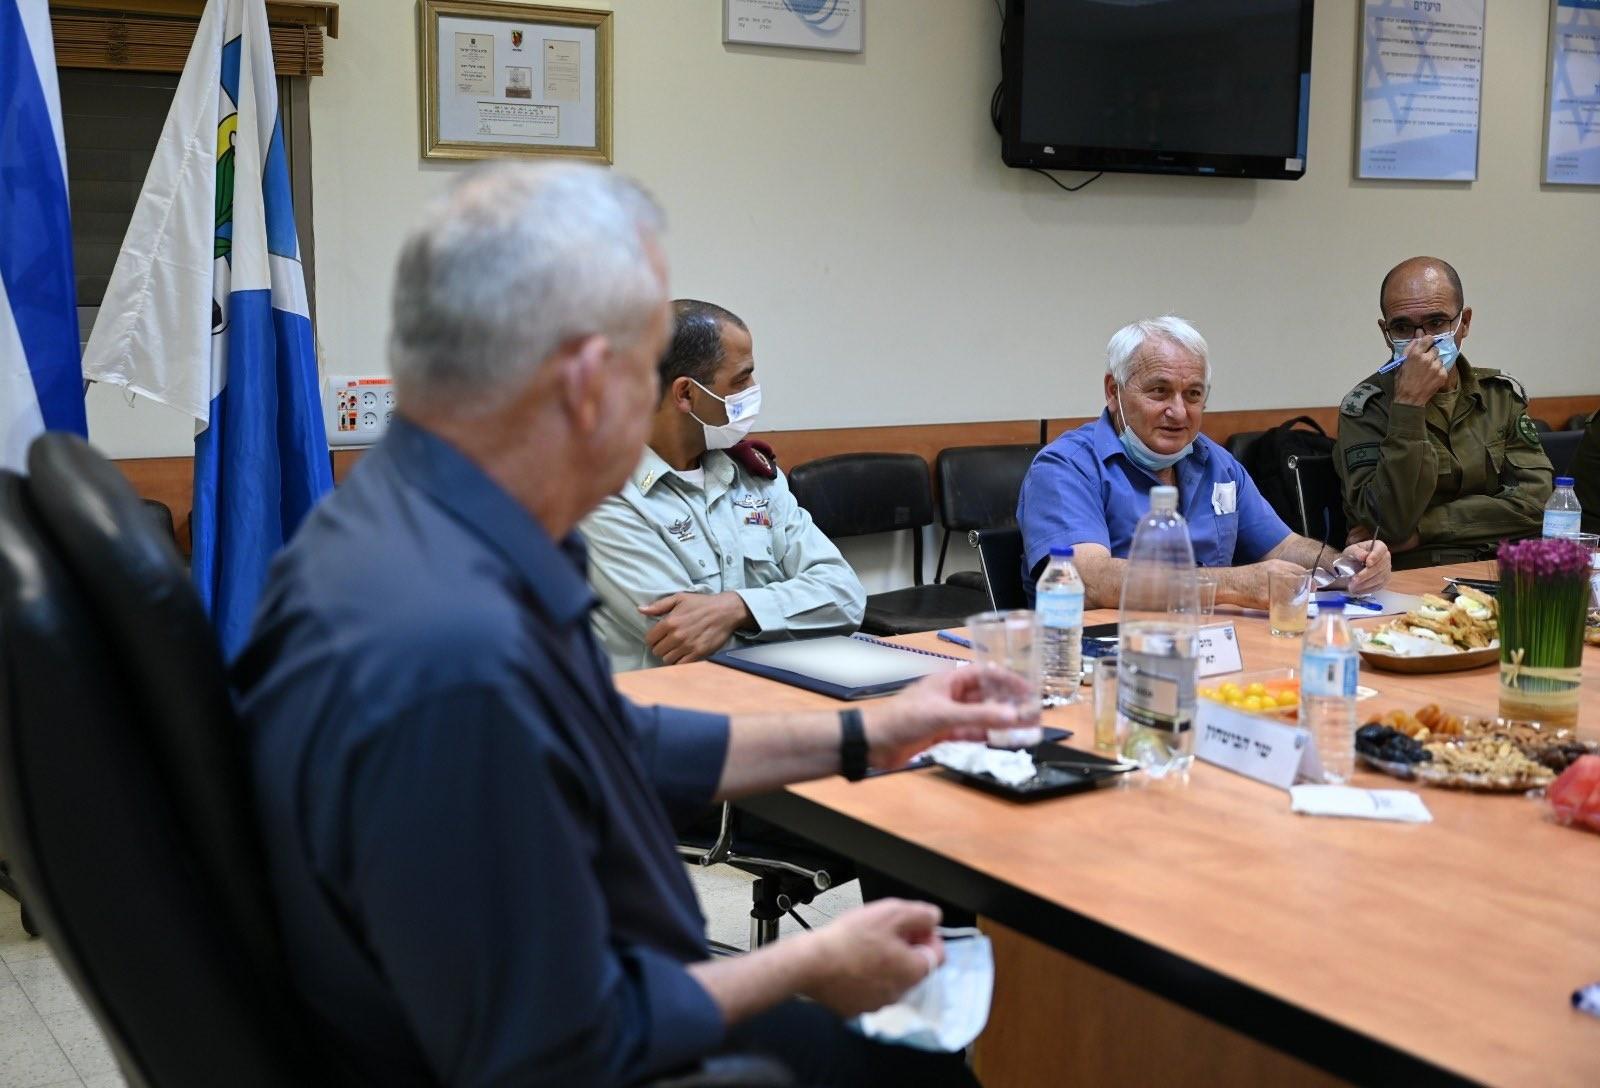 غانتس يُصدر تعليمات بمراقبة الإشراف على إعادة إعمار غزة